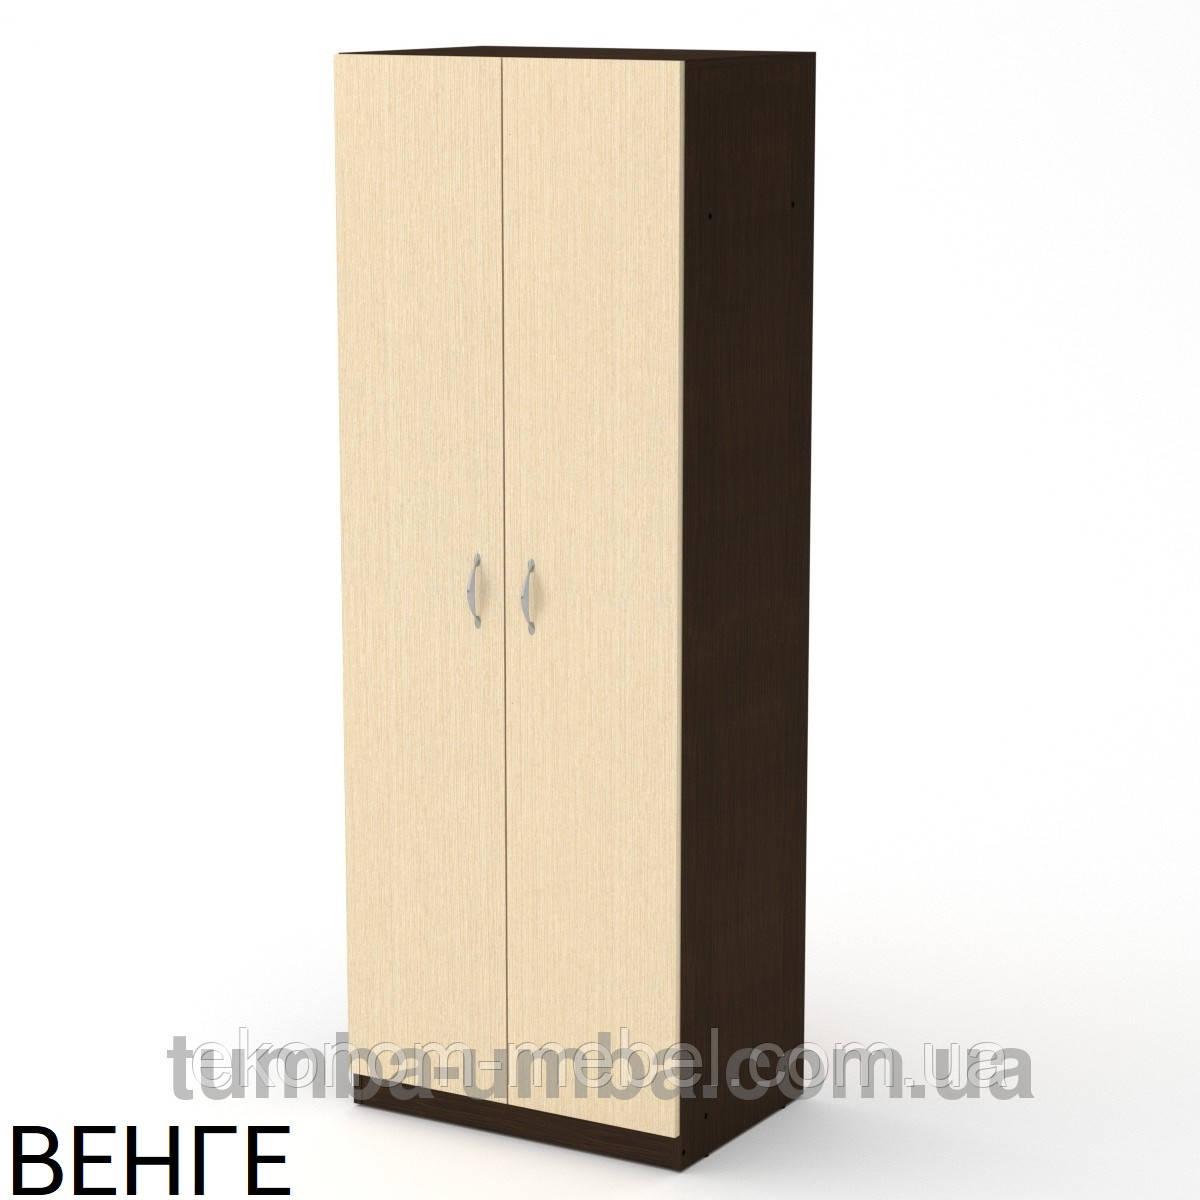 Шкаф-1 одежный платяной двухдверный, под вешалки